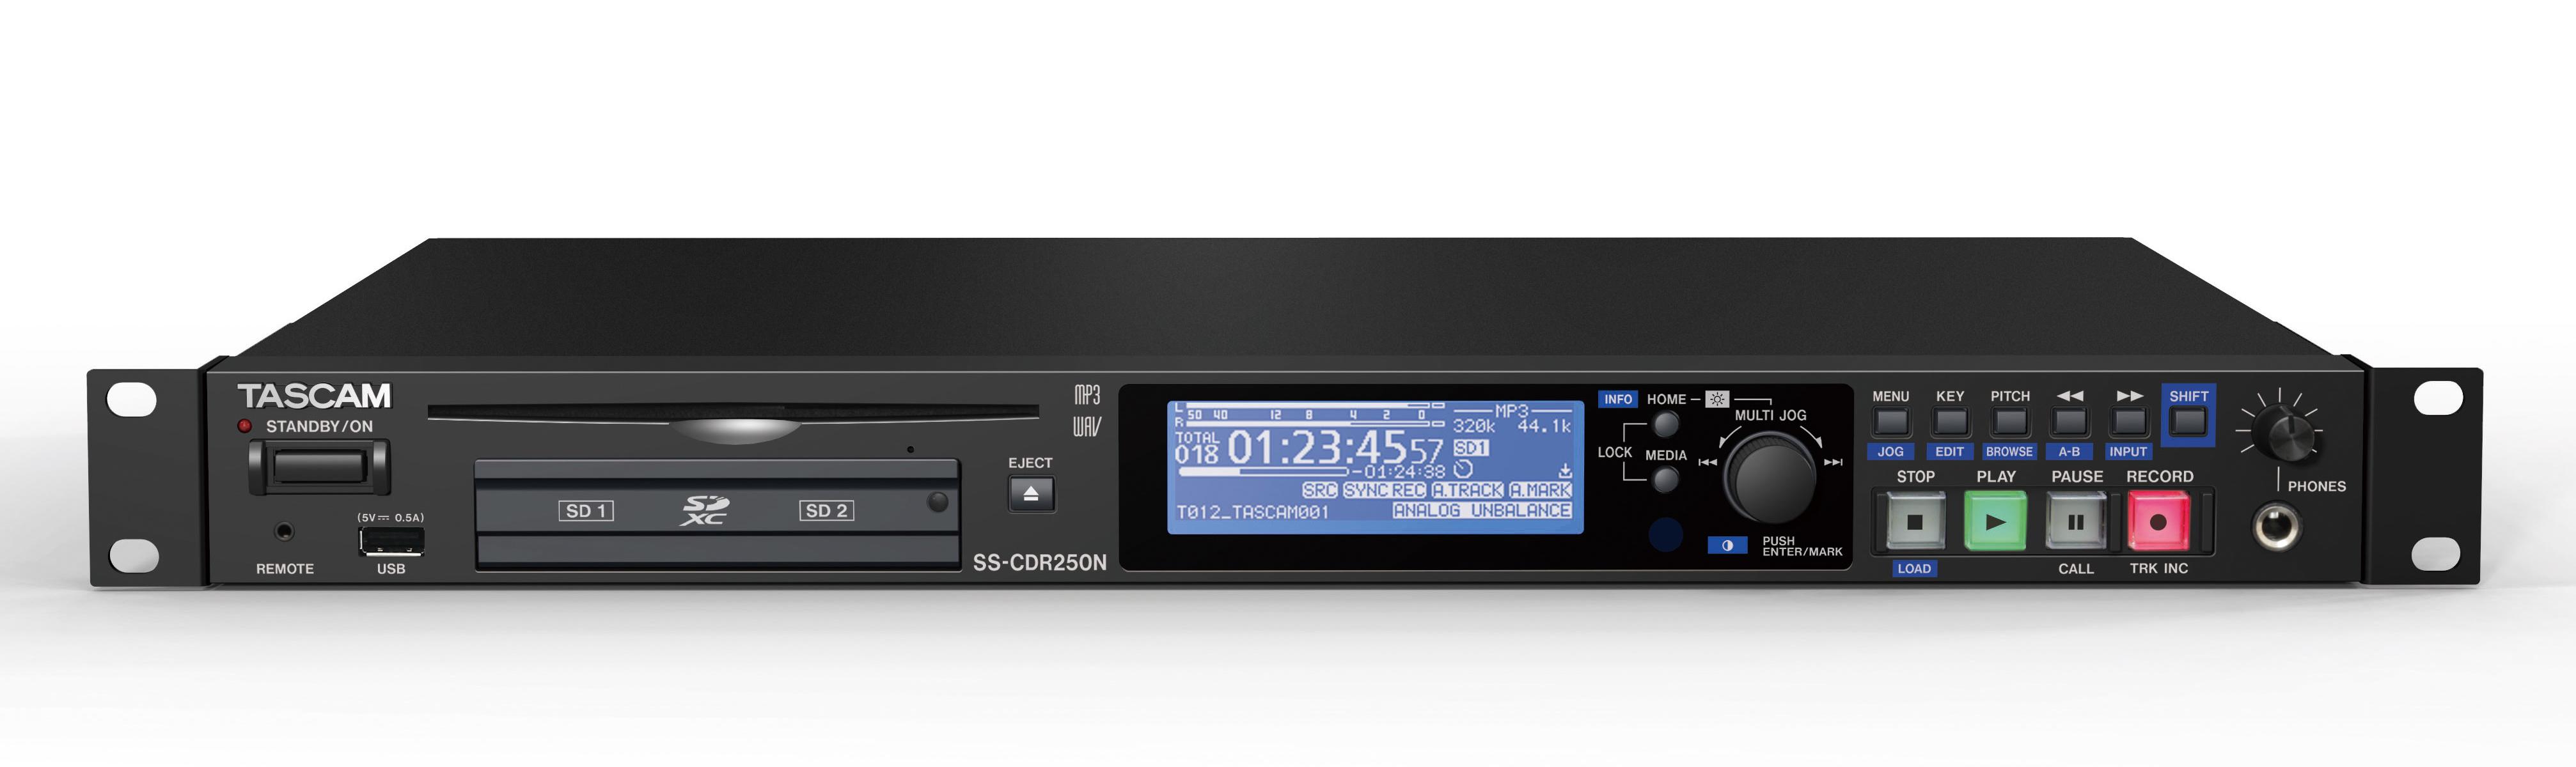 Tascam SS-CDR250N